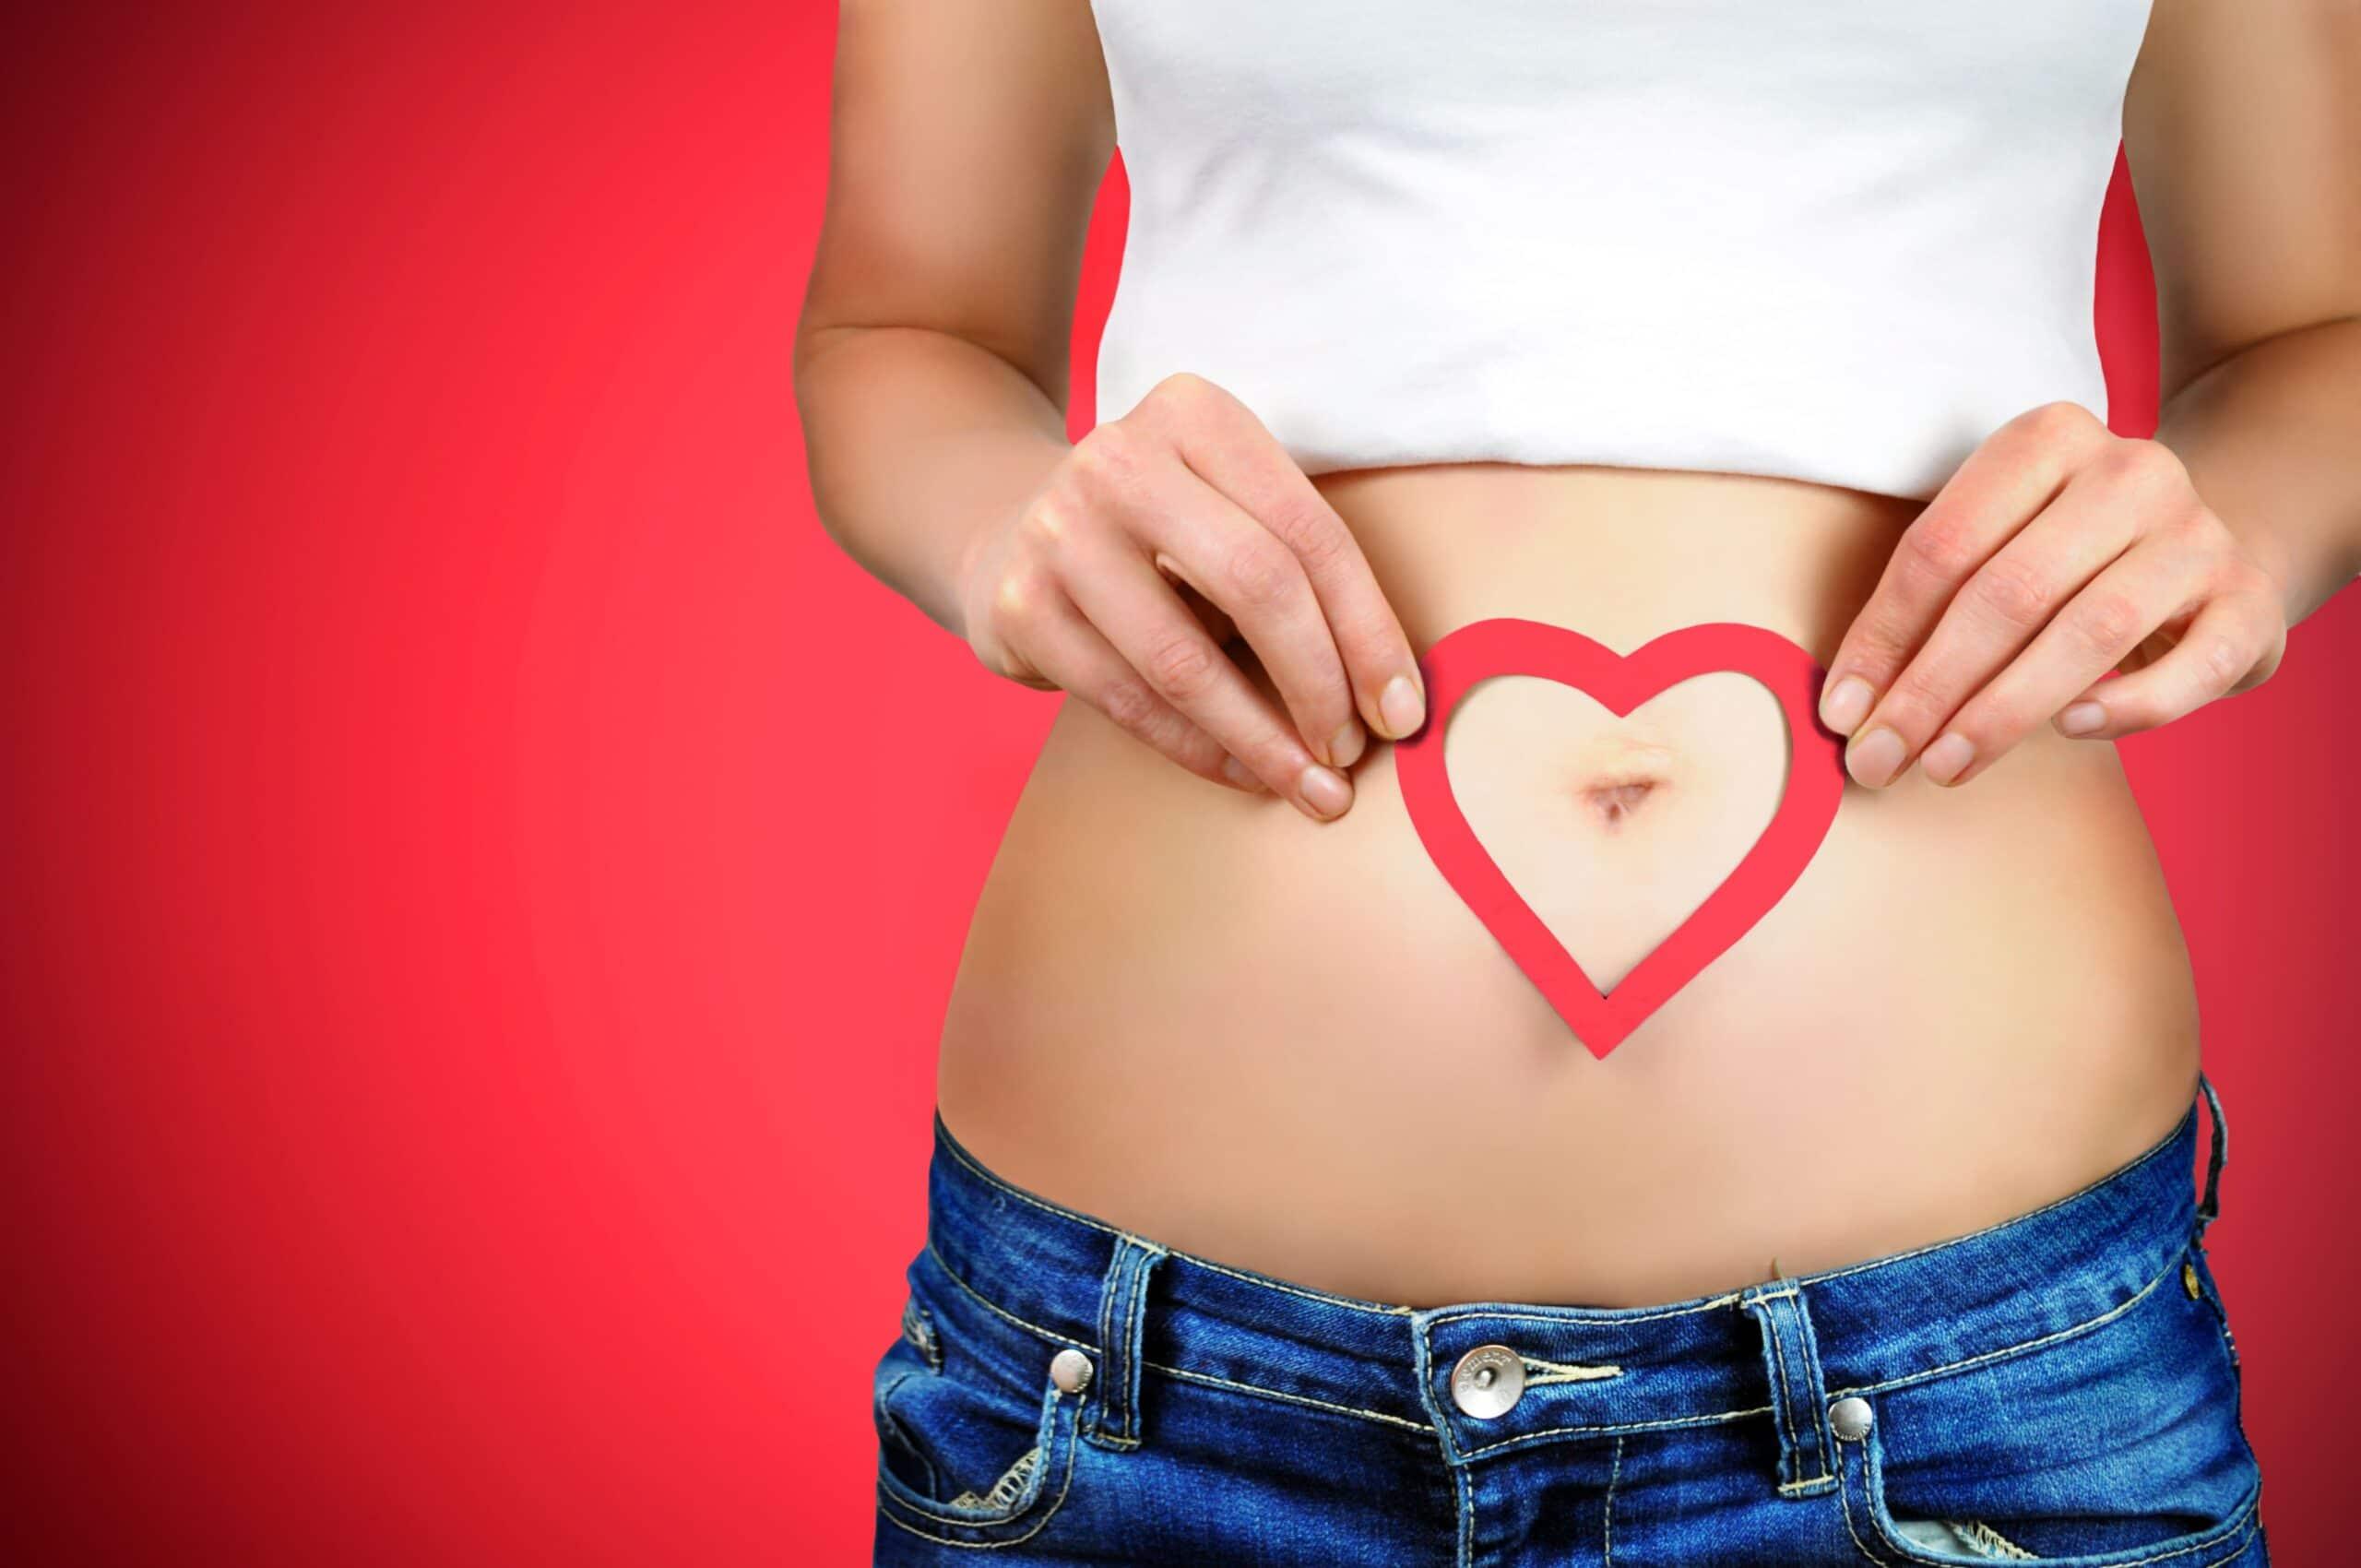 Clínica de Fertilidad Murcia: Causas de la infertilidad